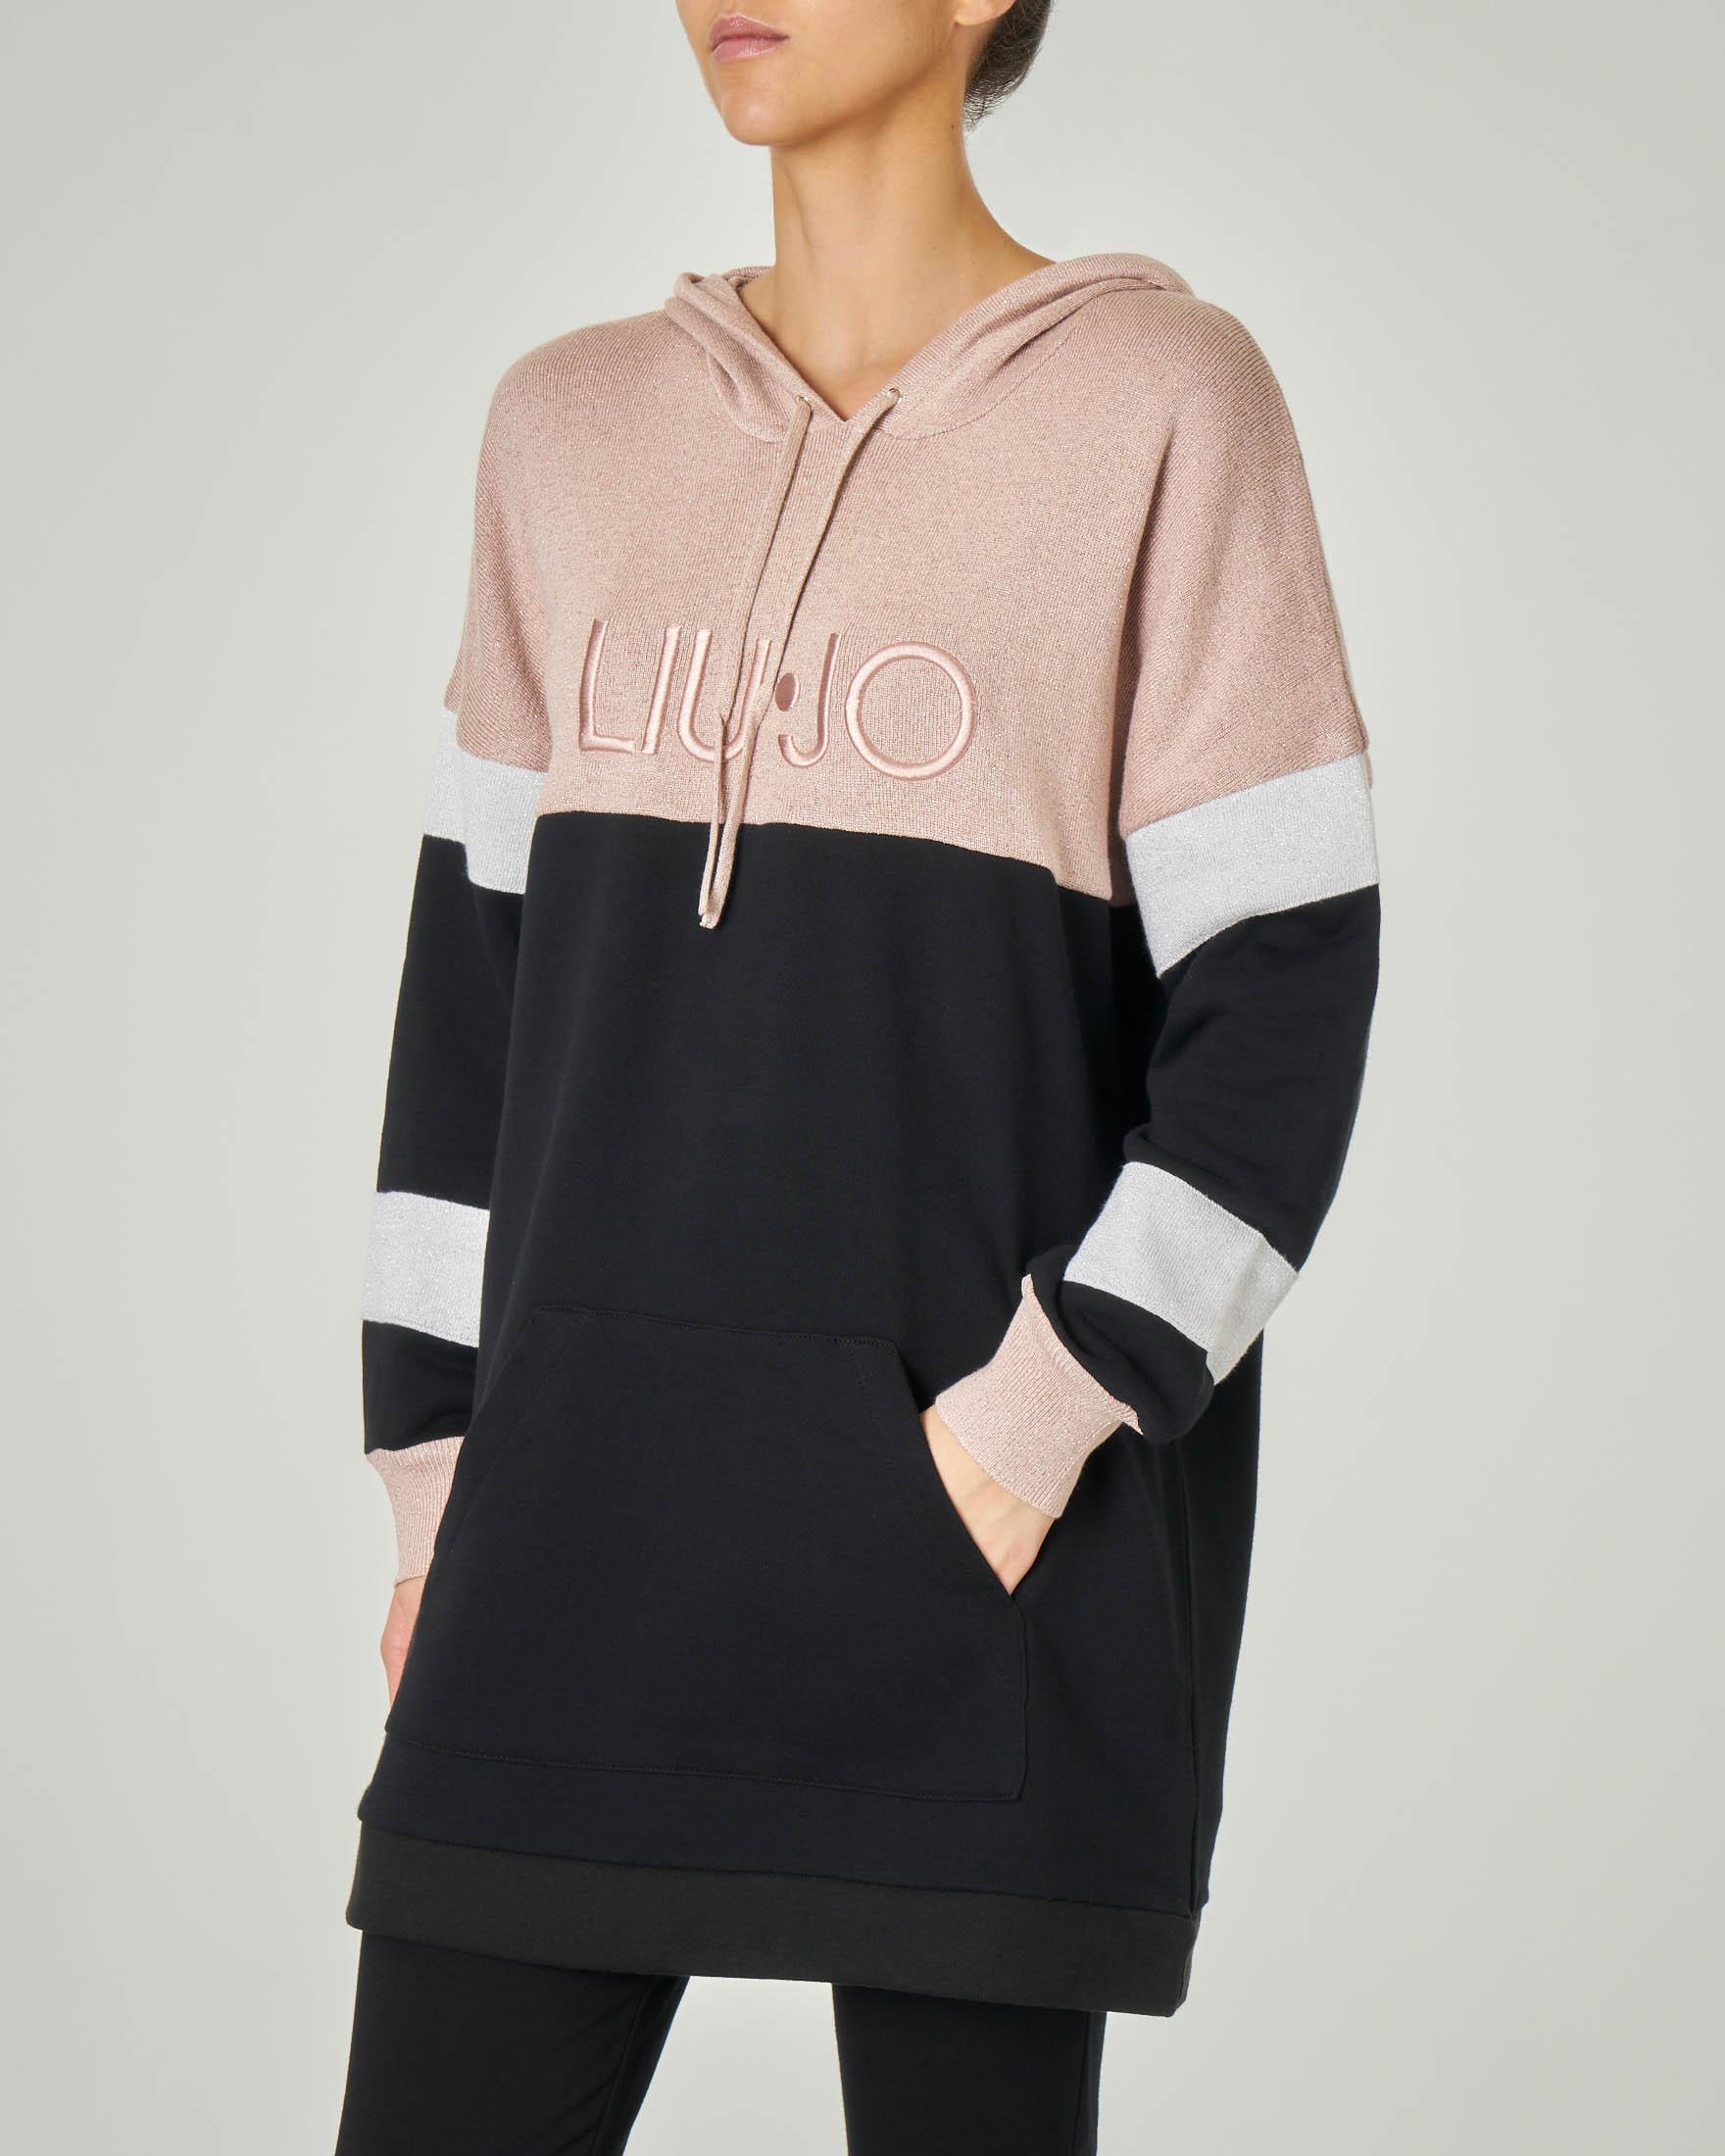 Maxi felpa in cotone con cappuccio a blocchi di colore con scritta logo ricamata in rilievo